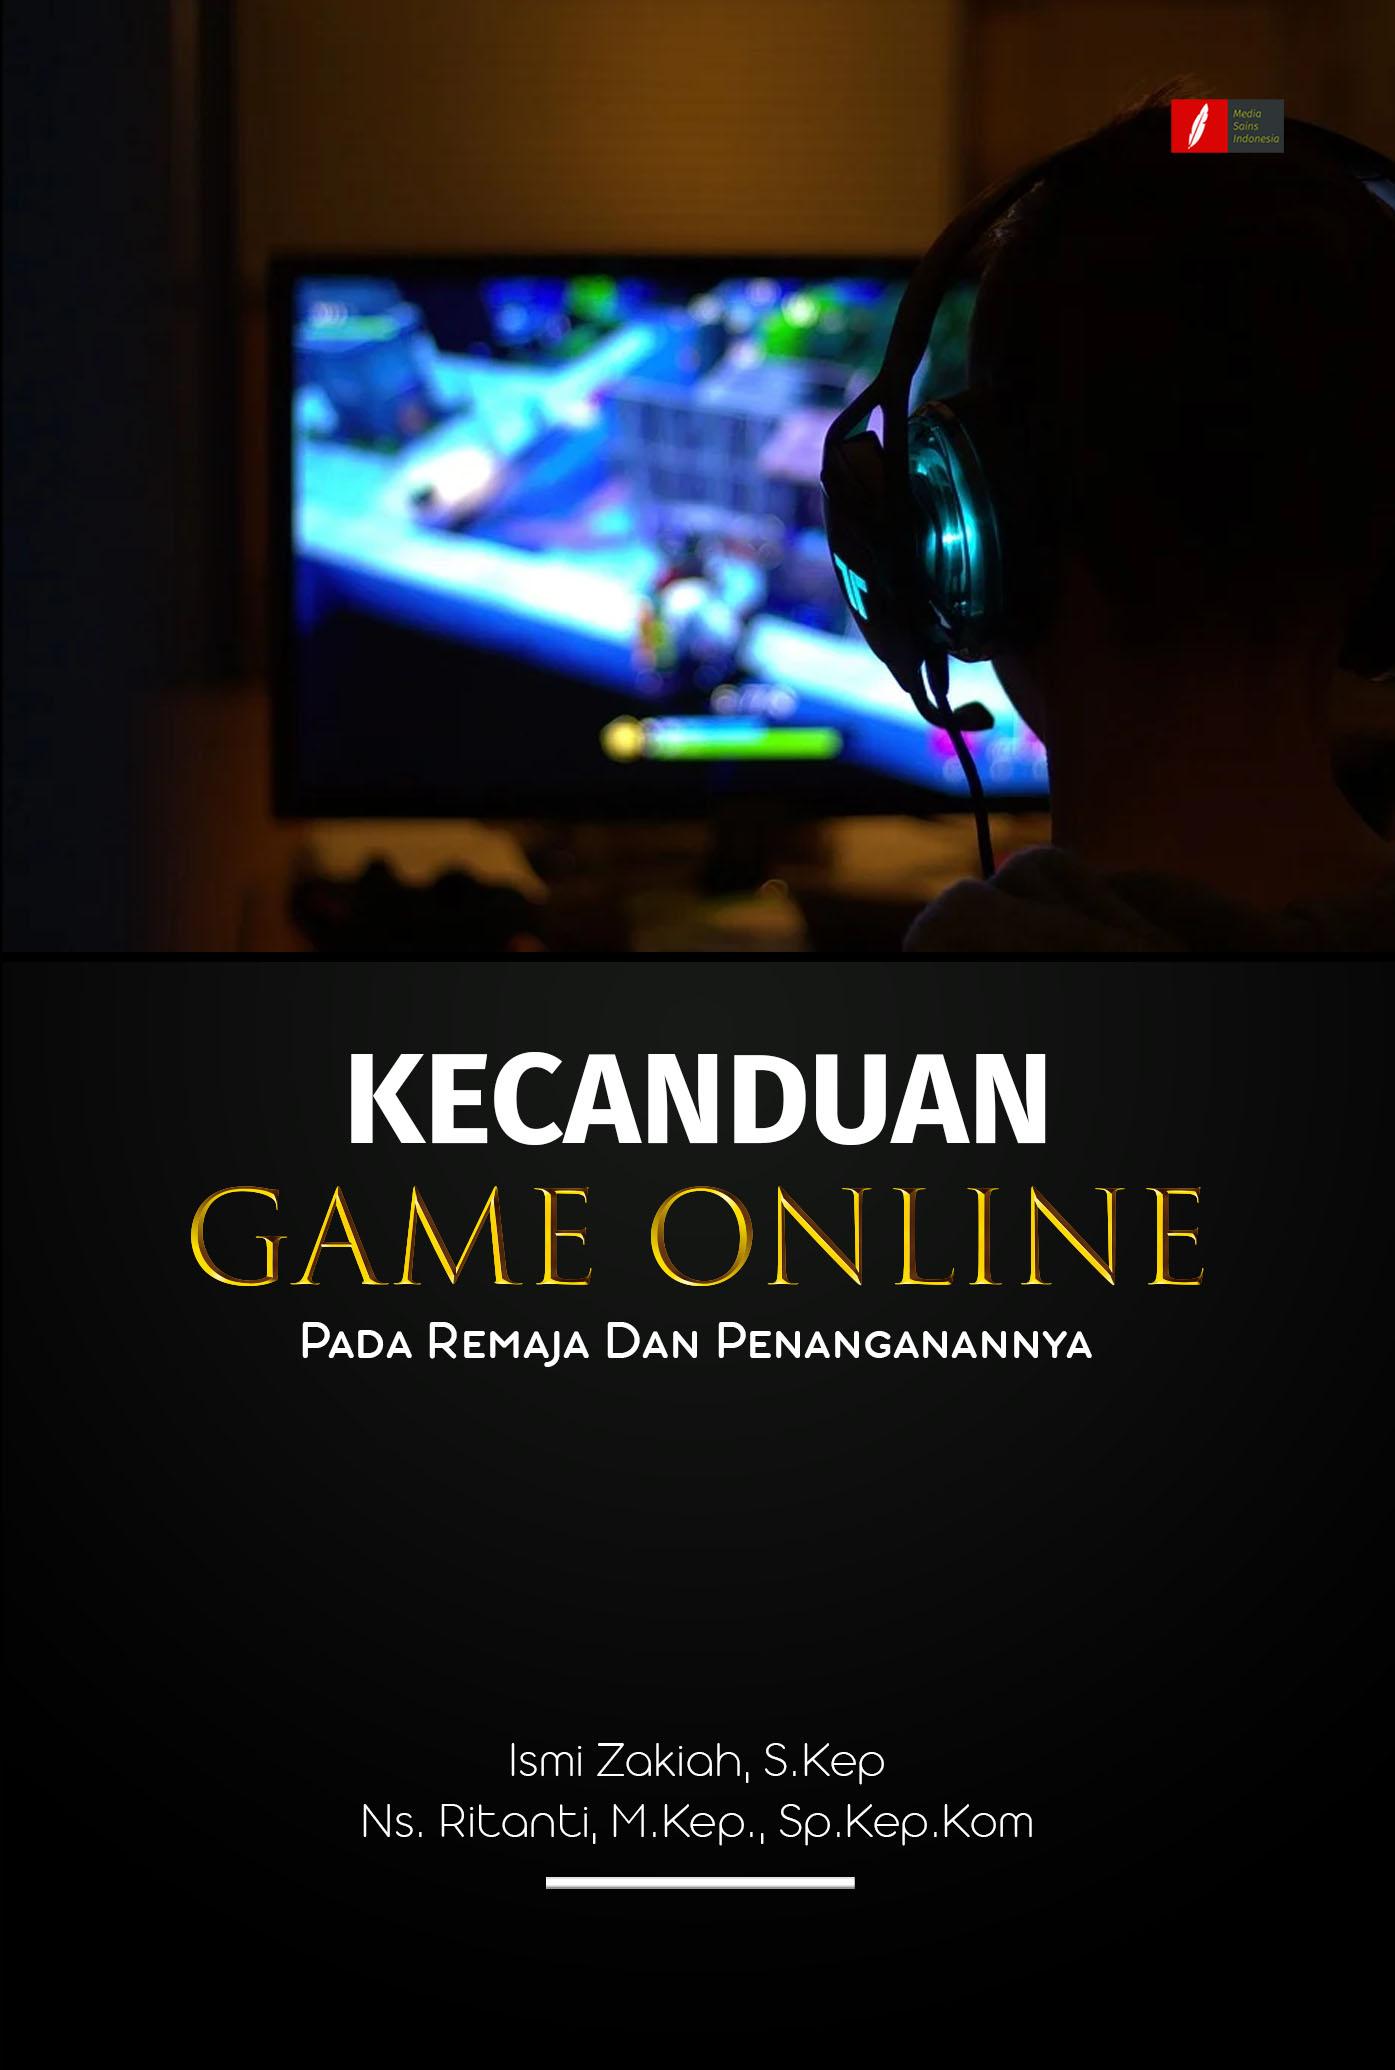 Kecanduan game online pada remaja dan penanganannya [sumber elektronis]